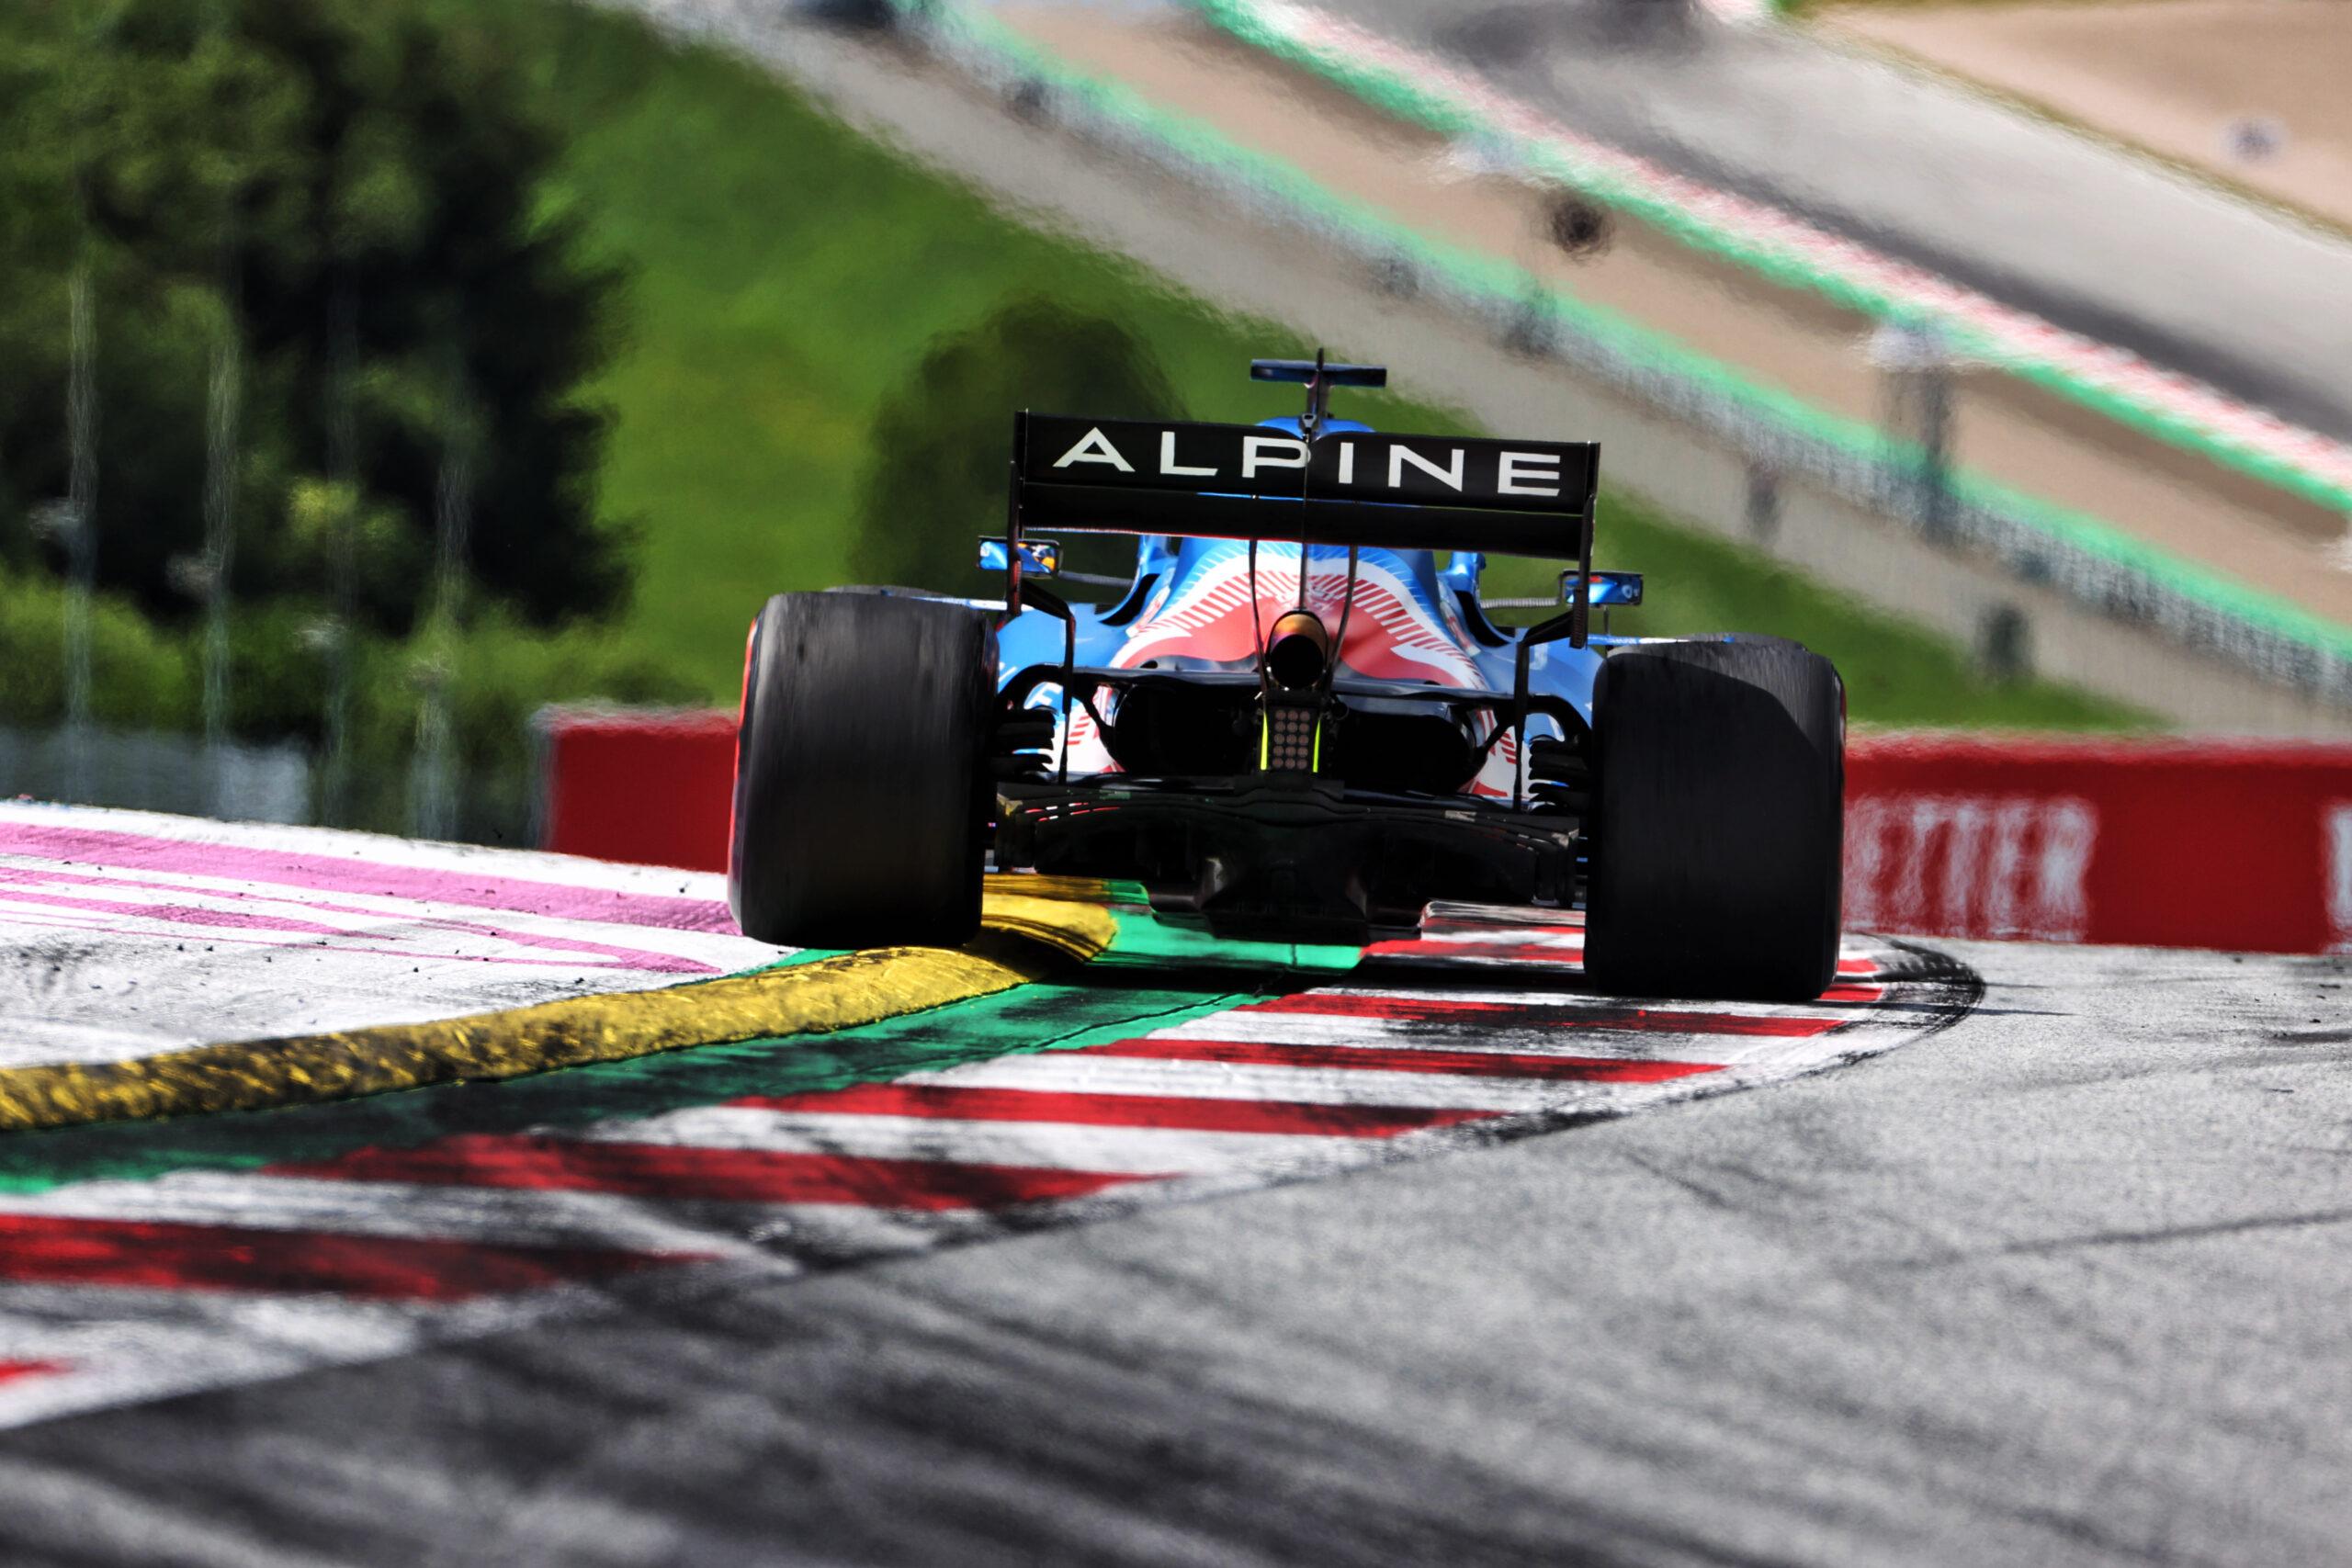 F1 - Alpine F1 marque deux points au Grand Prix de Styrie